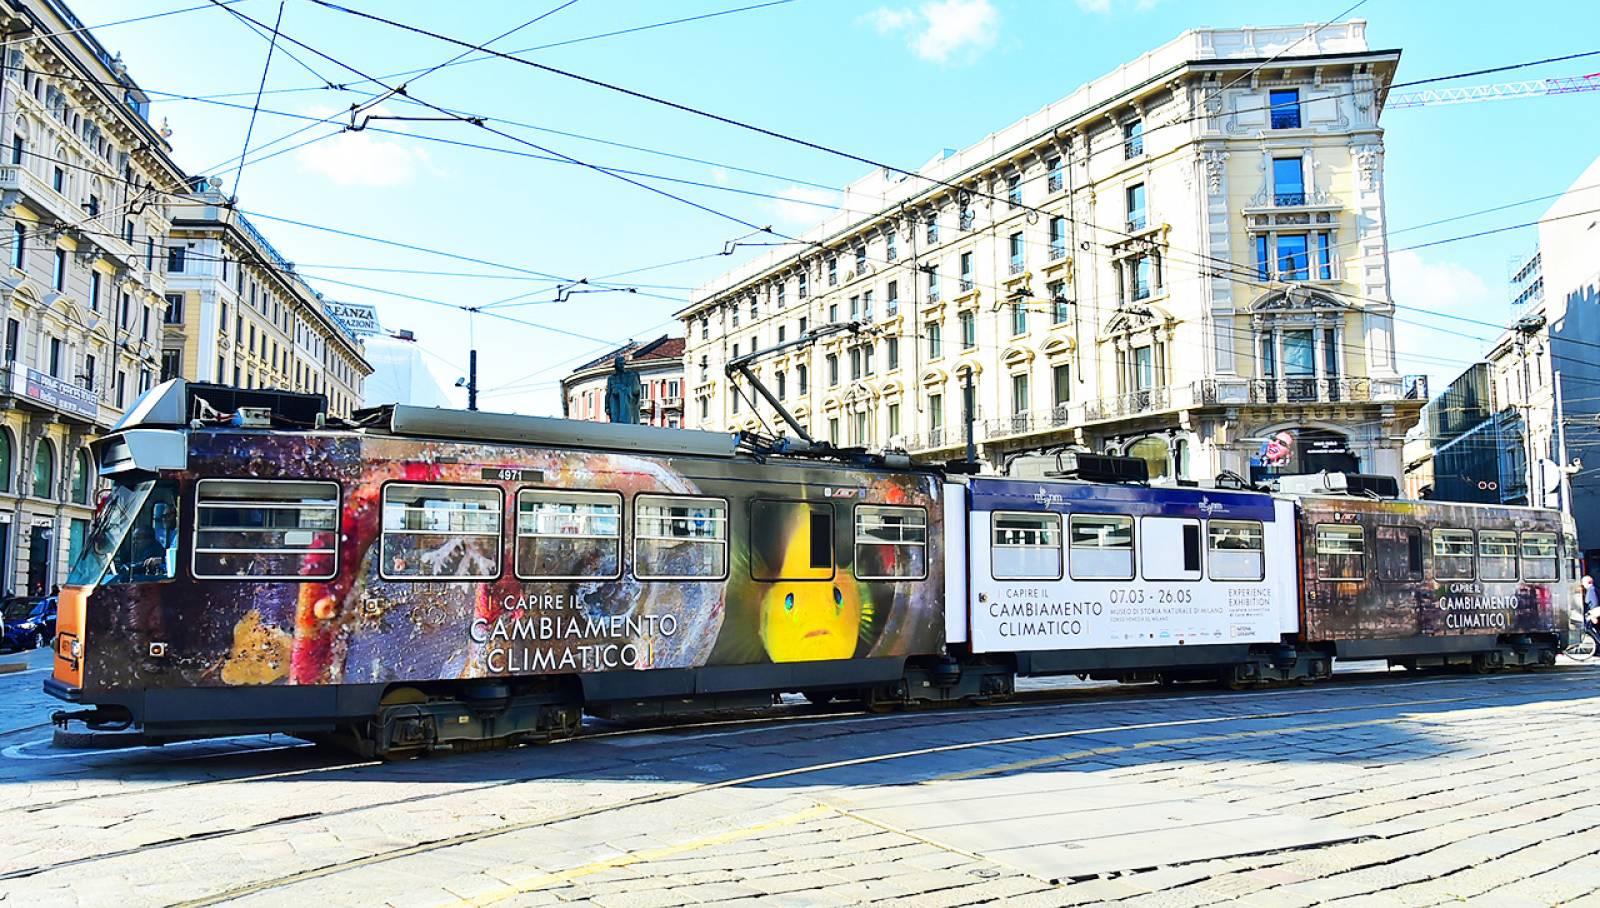 Tram decorato a Milano per Capire il cambiamento climatico - Experience Exhibition IGPDecaux media partner